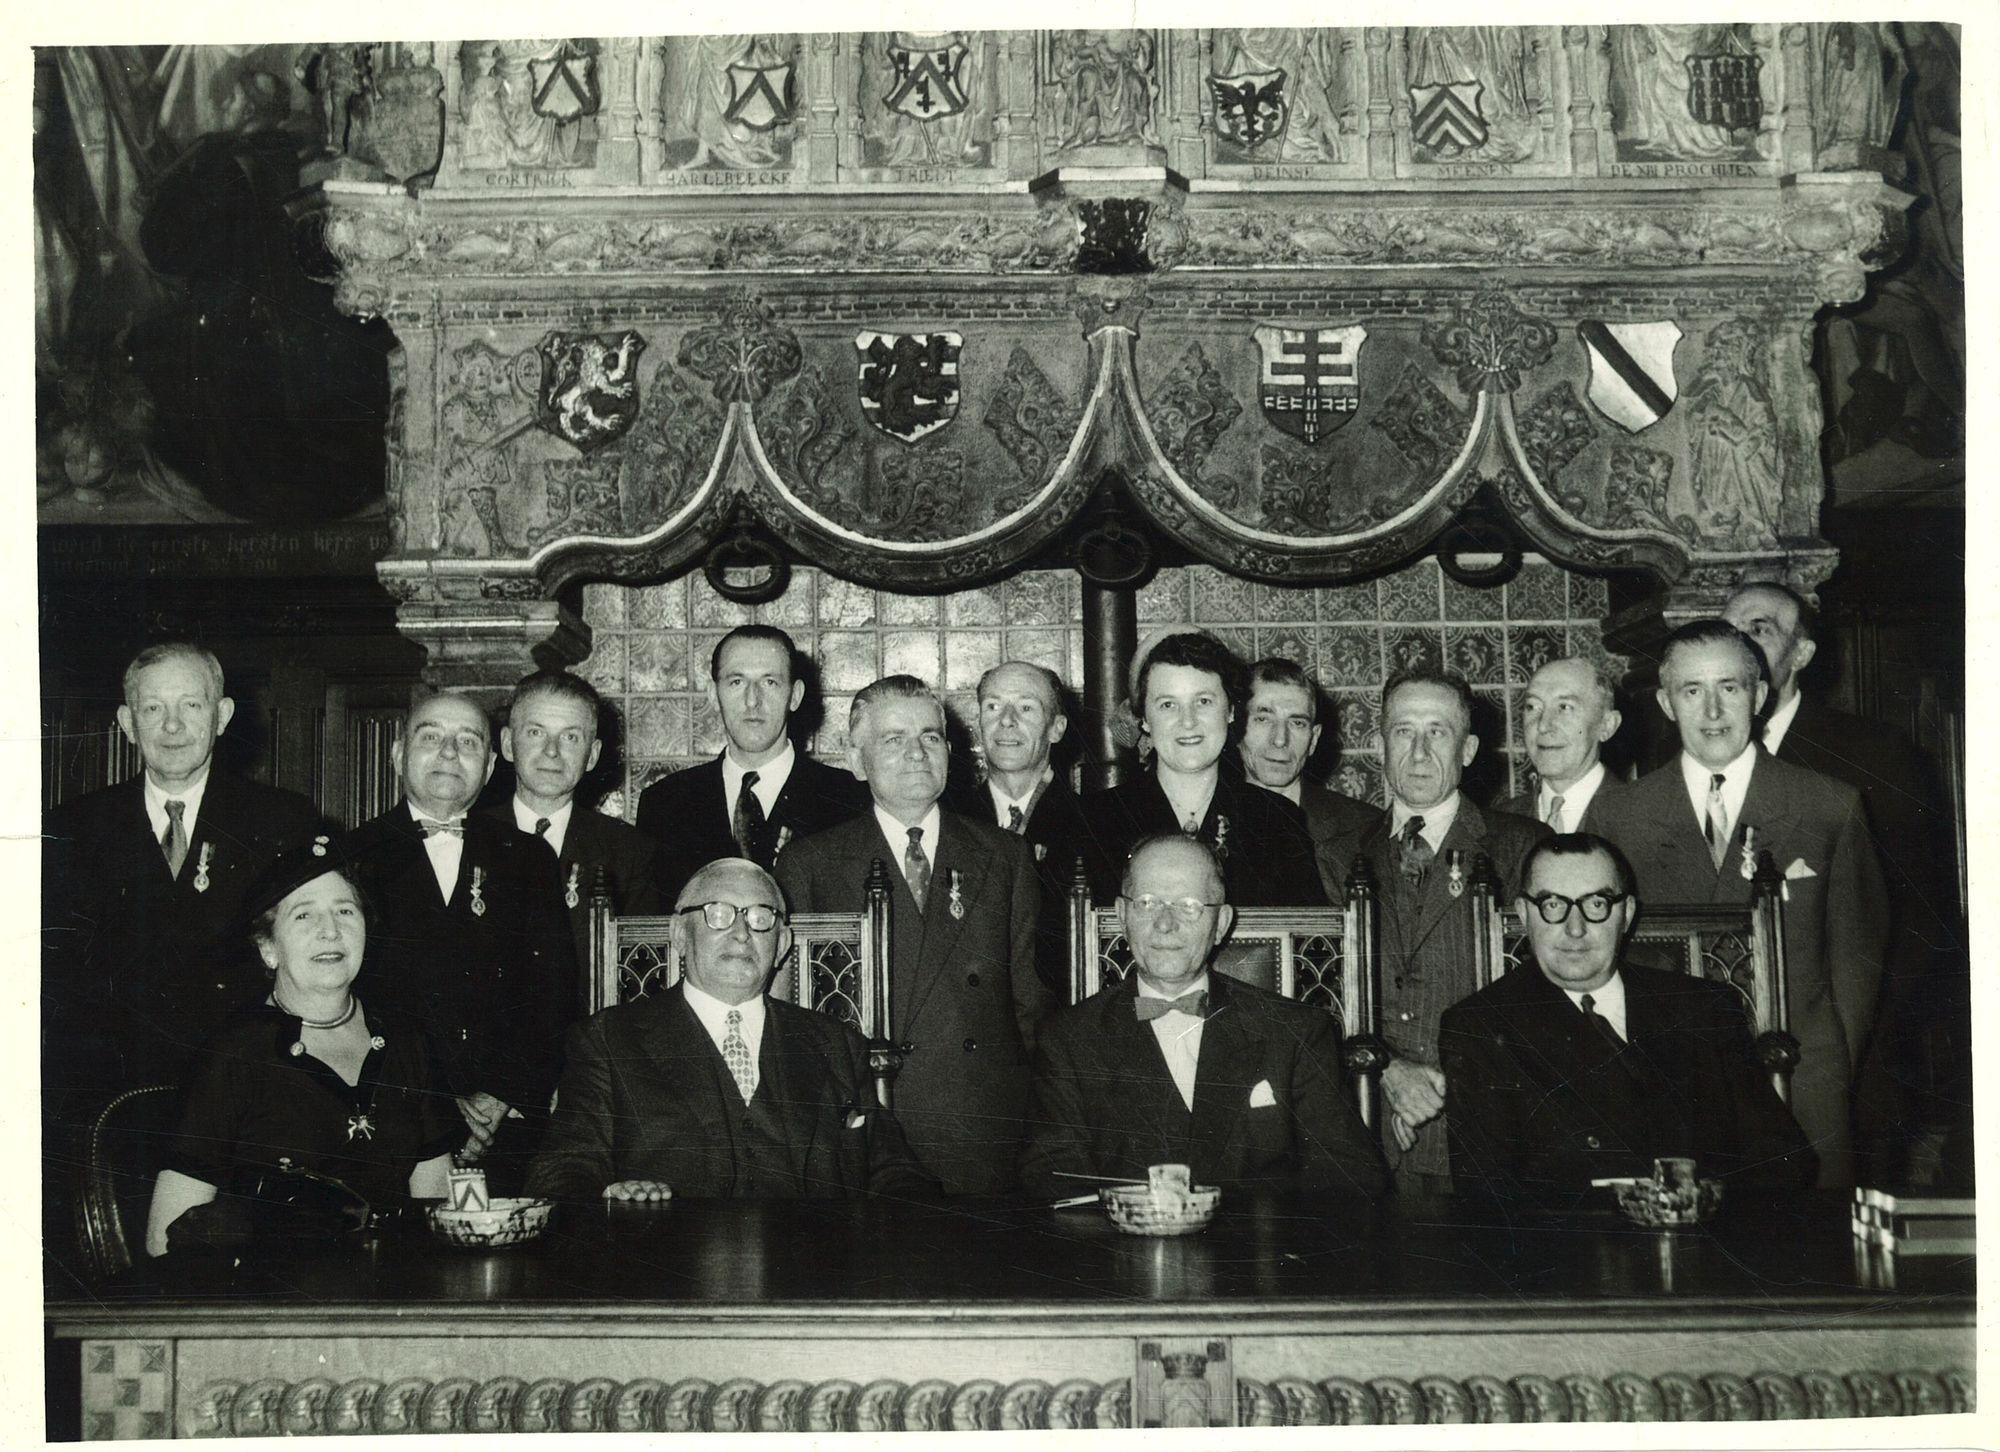 Groepsfoto met Jules Coussens in de historische schepenzaal